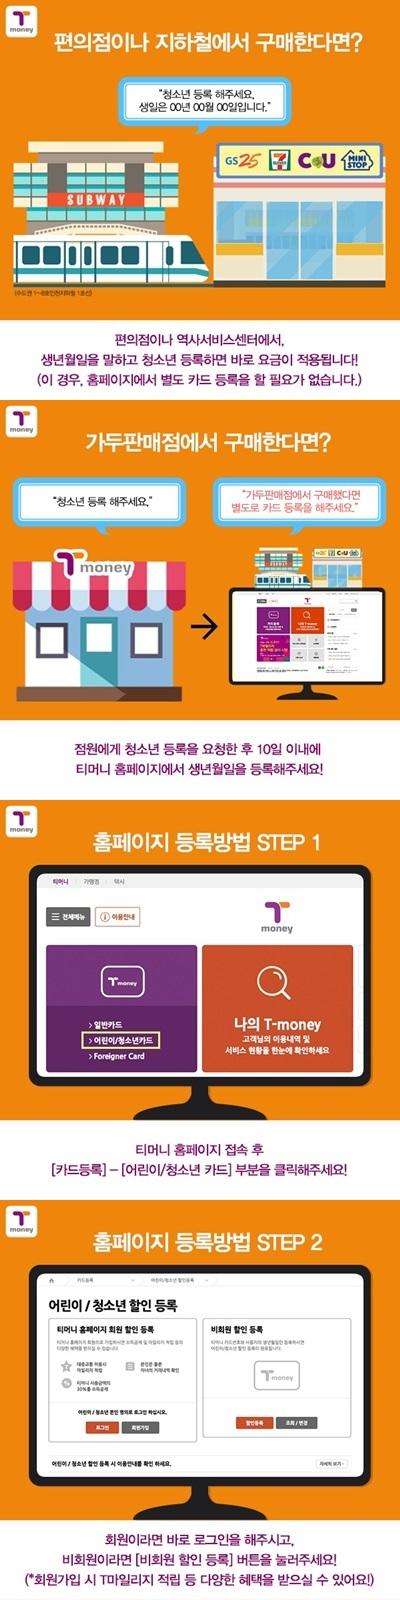 티머니 교통카드 어린이·청소년 할인등록 방법. /사진=한국스마트카드